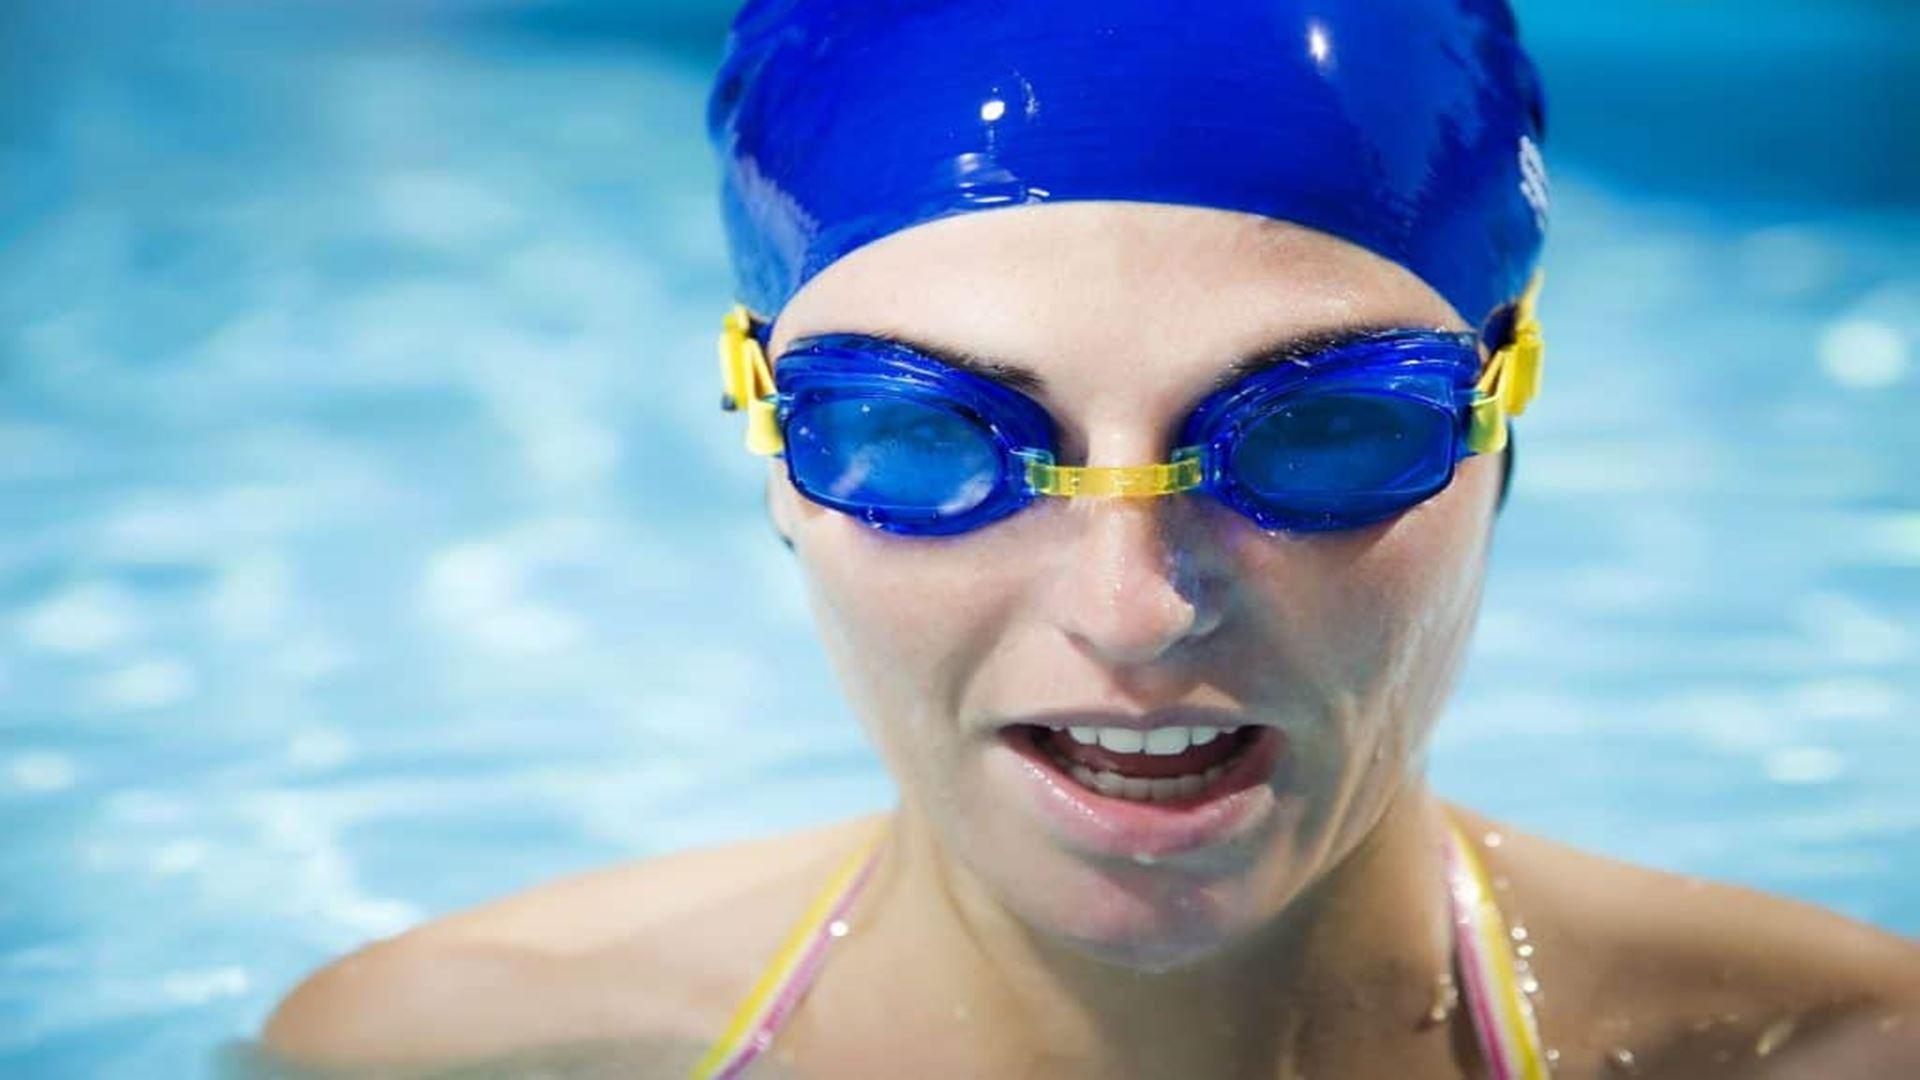 Migliori occhialini nuoto 2020: Guida all'acquisto